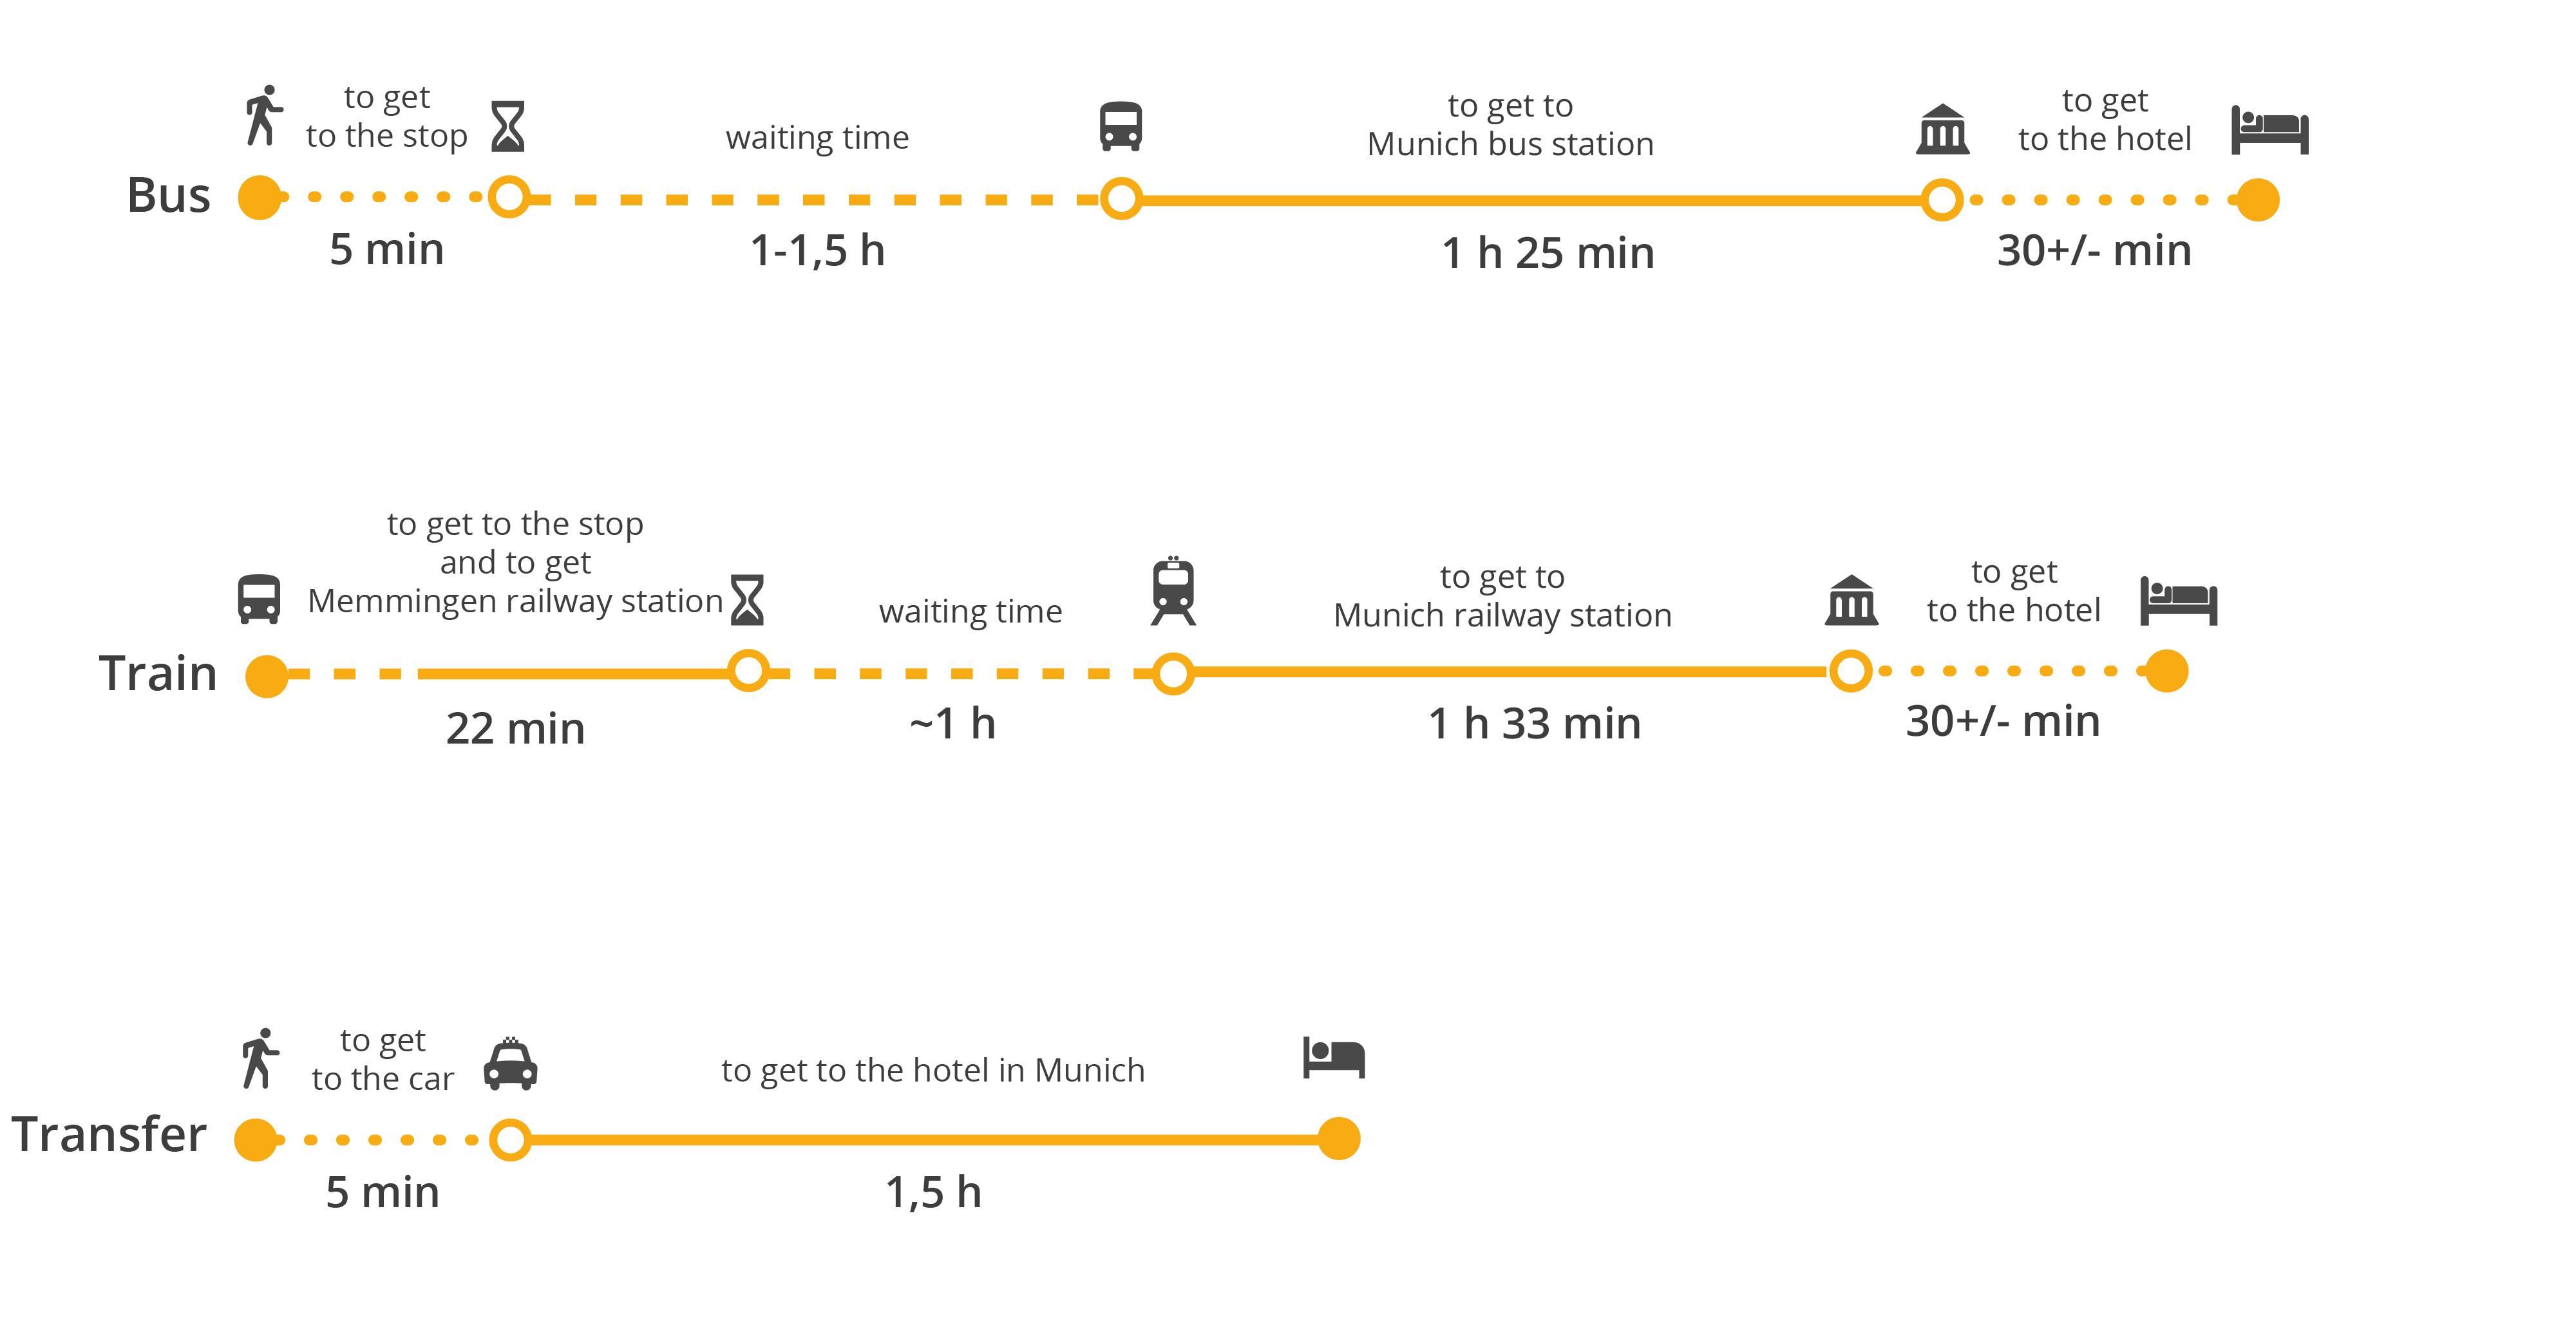 Общественный транспорт мюнхена: виды, тарифы, покупка билетов, расписание маршрутов и график движения